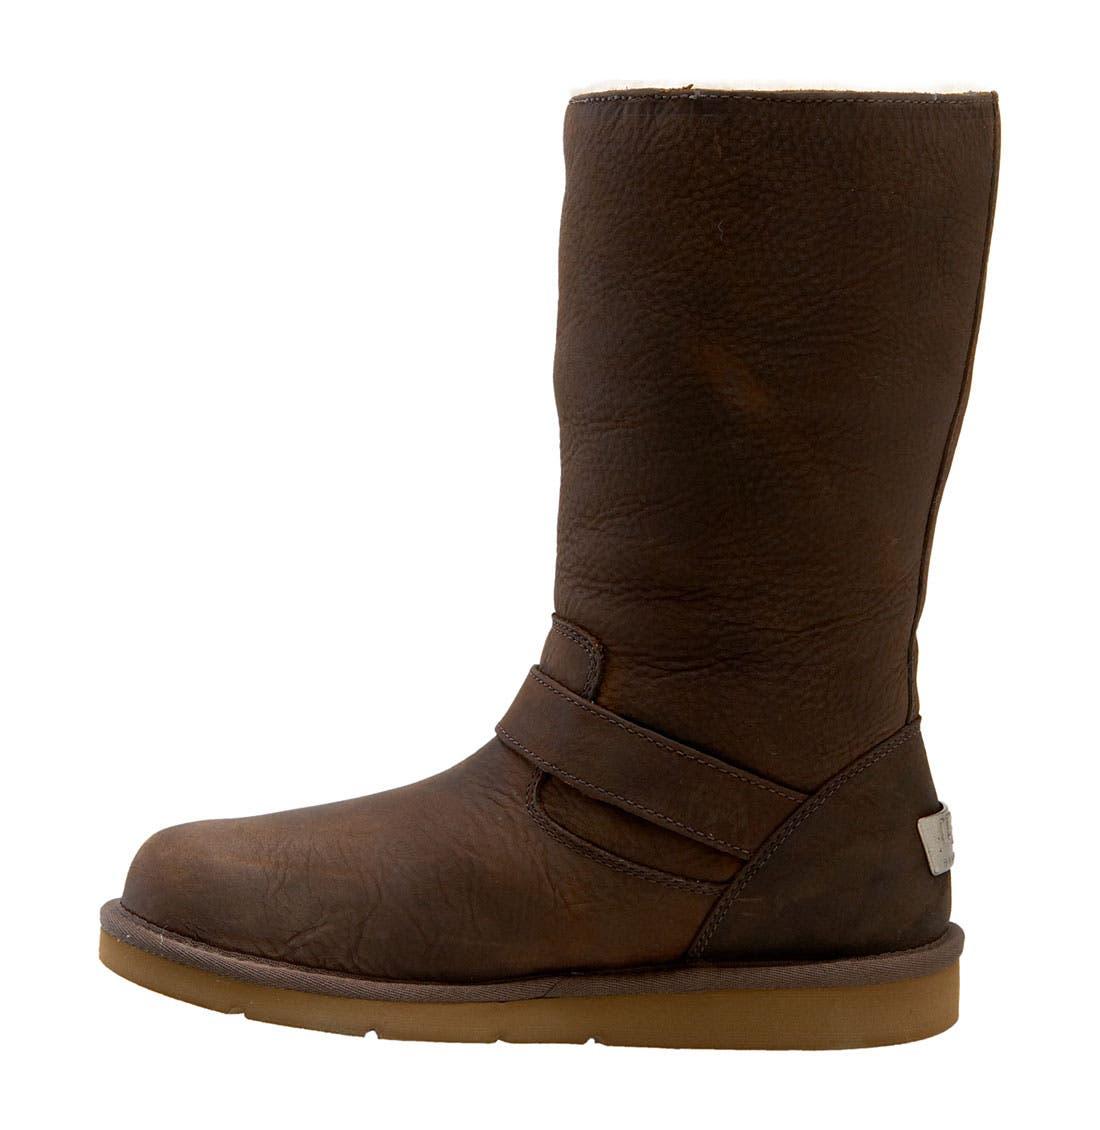 Alternate Image 2  - UGG® Australia 'Kensington' Boot (Women)